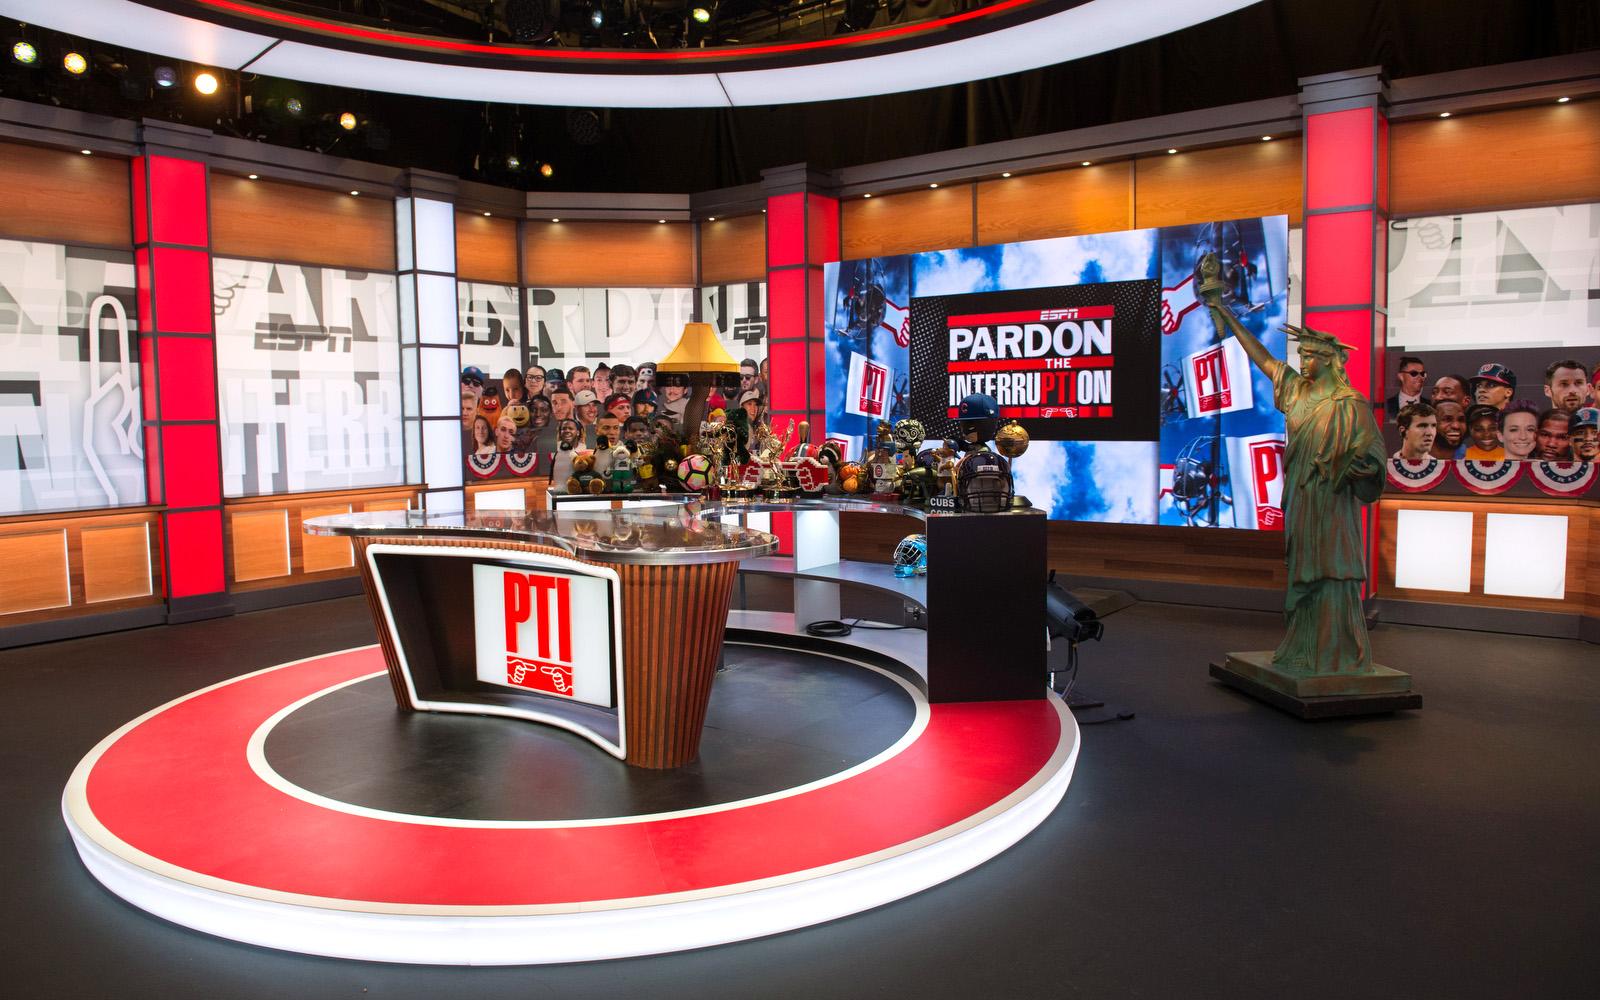 Washington D.C. - January 14, 2020 - DC Studios: Pardon the Interruption set (Photo by Randy Sager / ESPN Images)